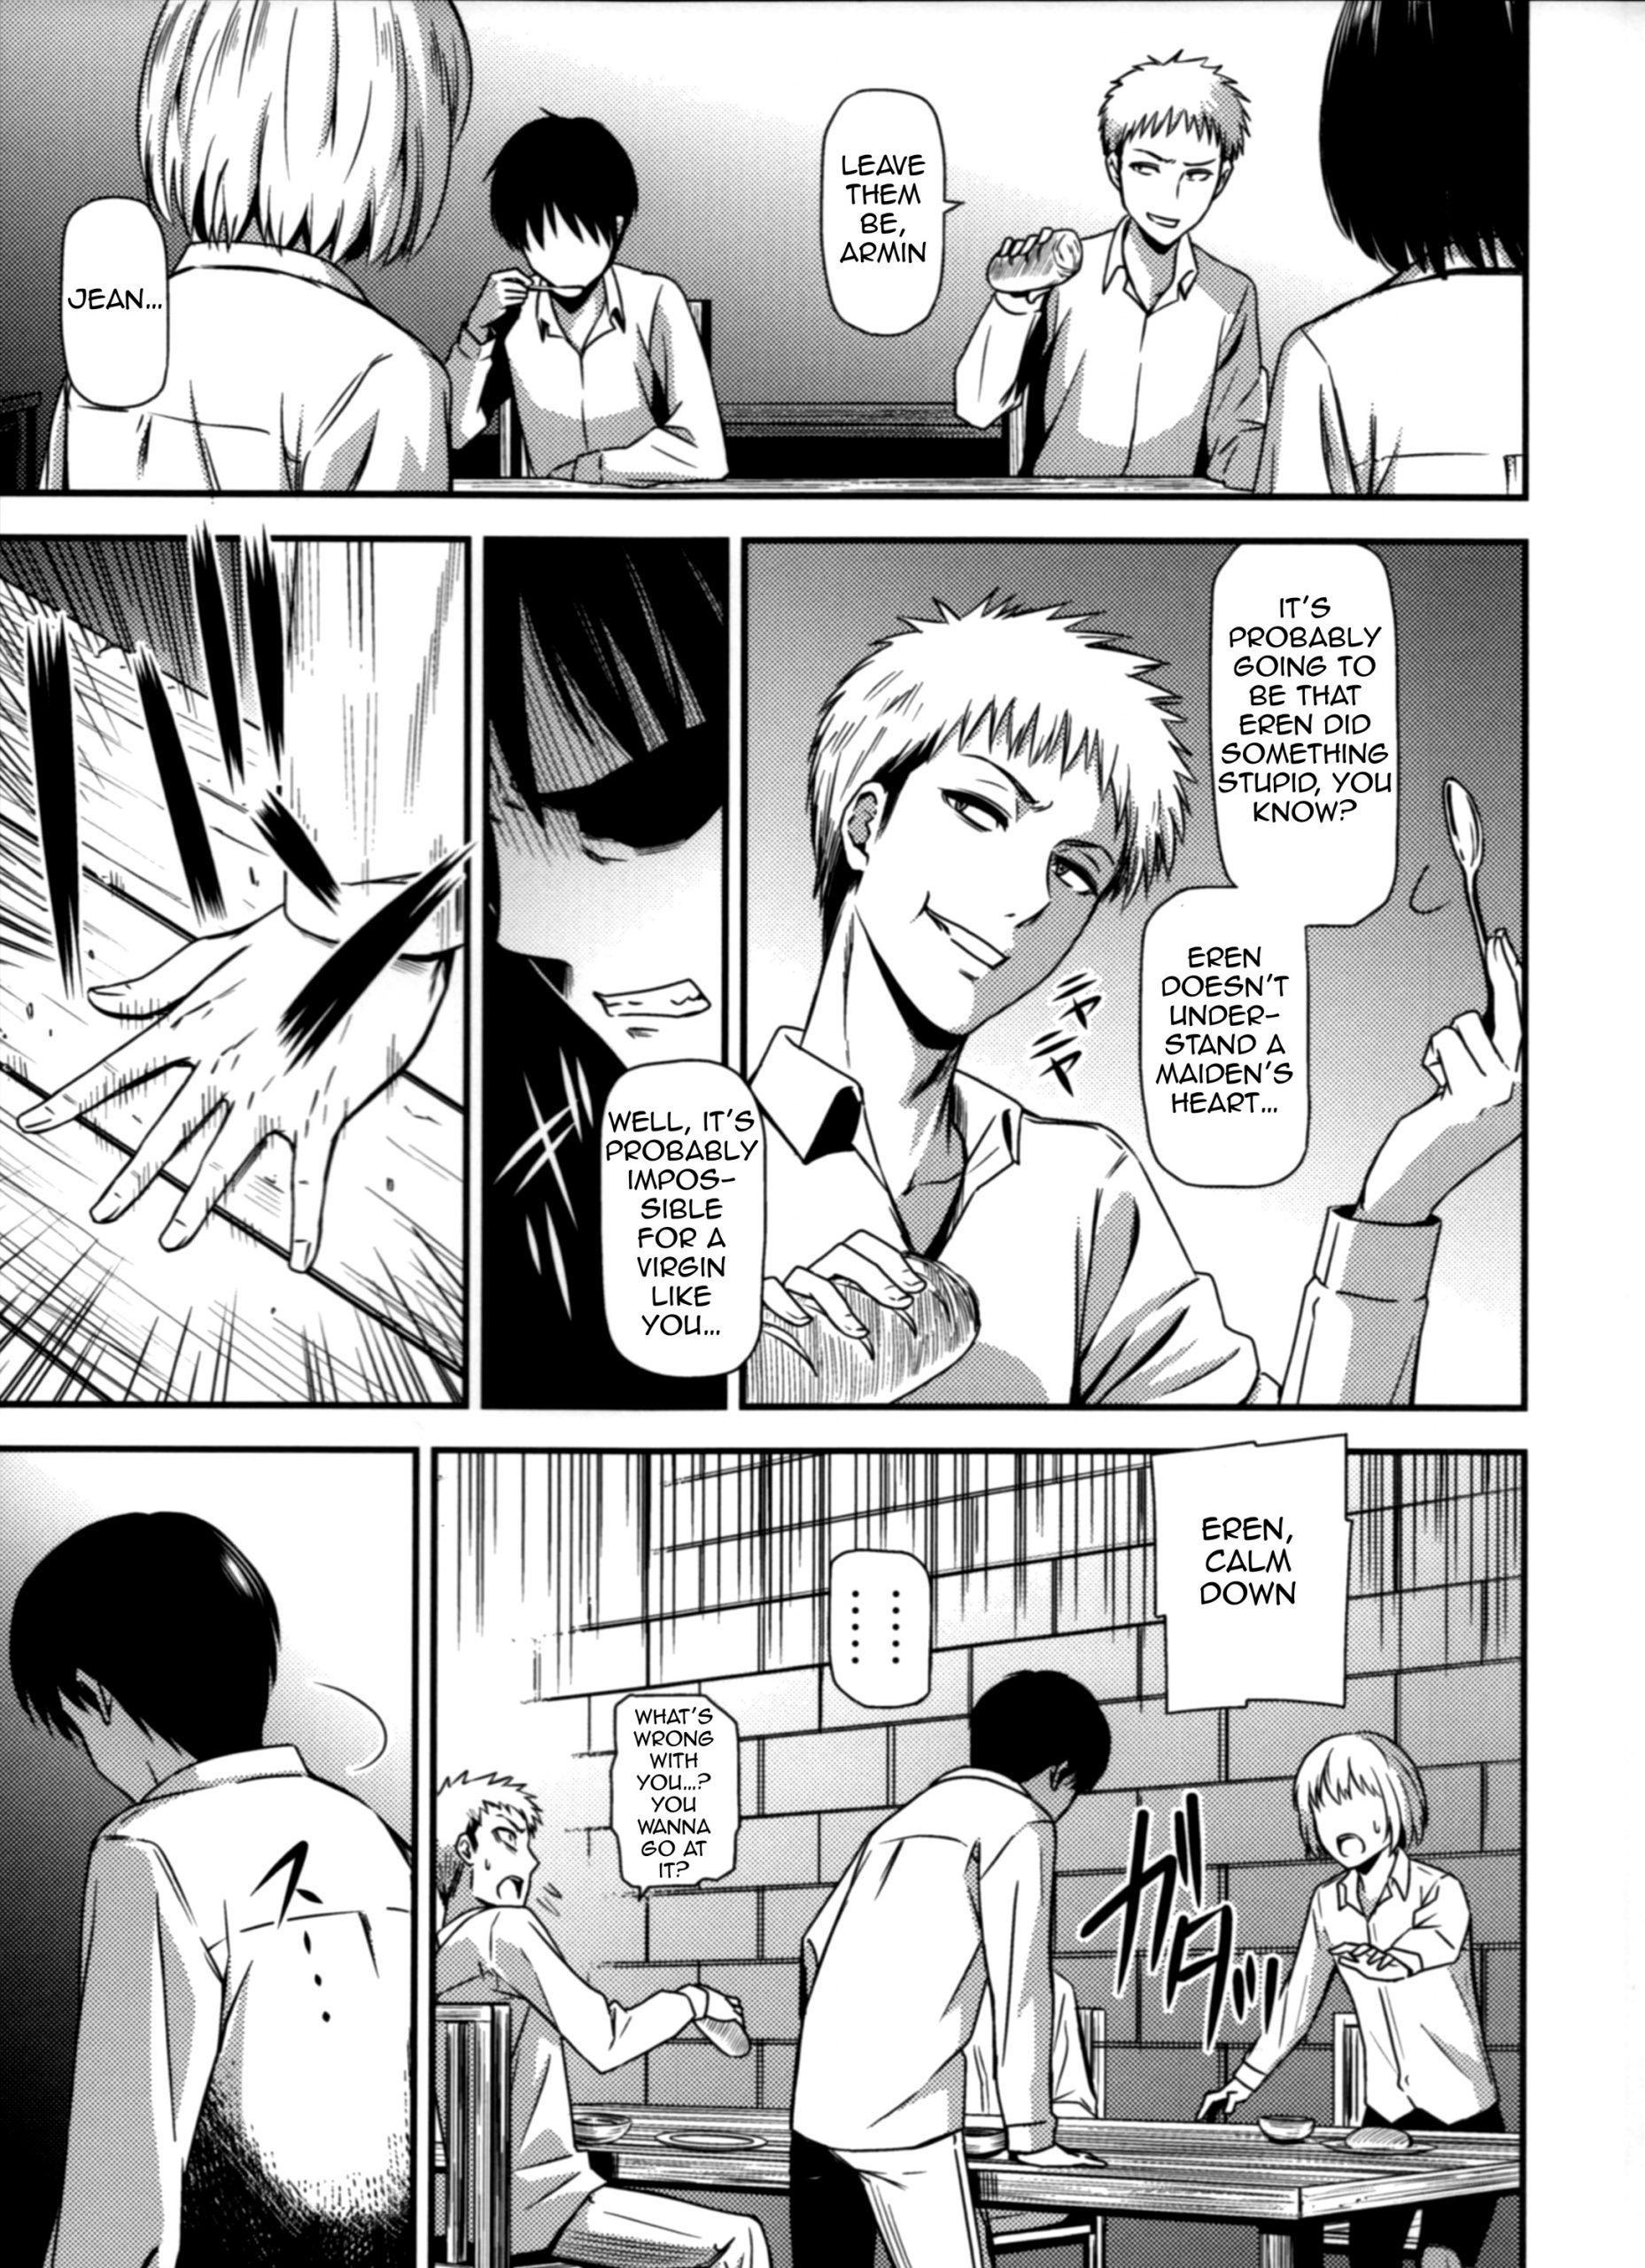 Gekishin yon hentai manga picture 04